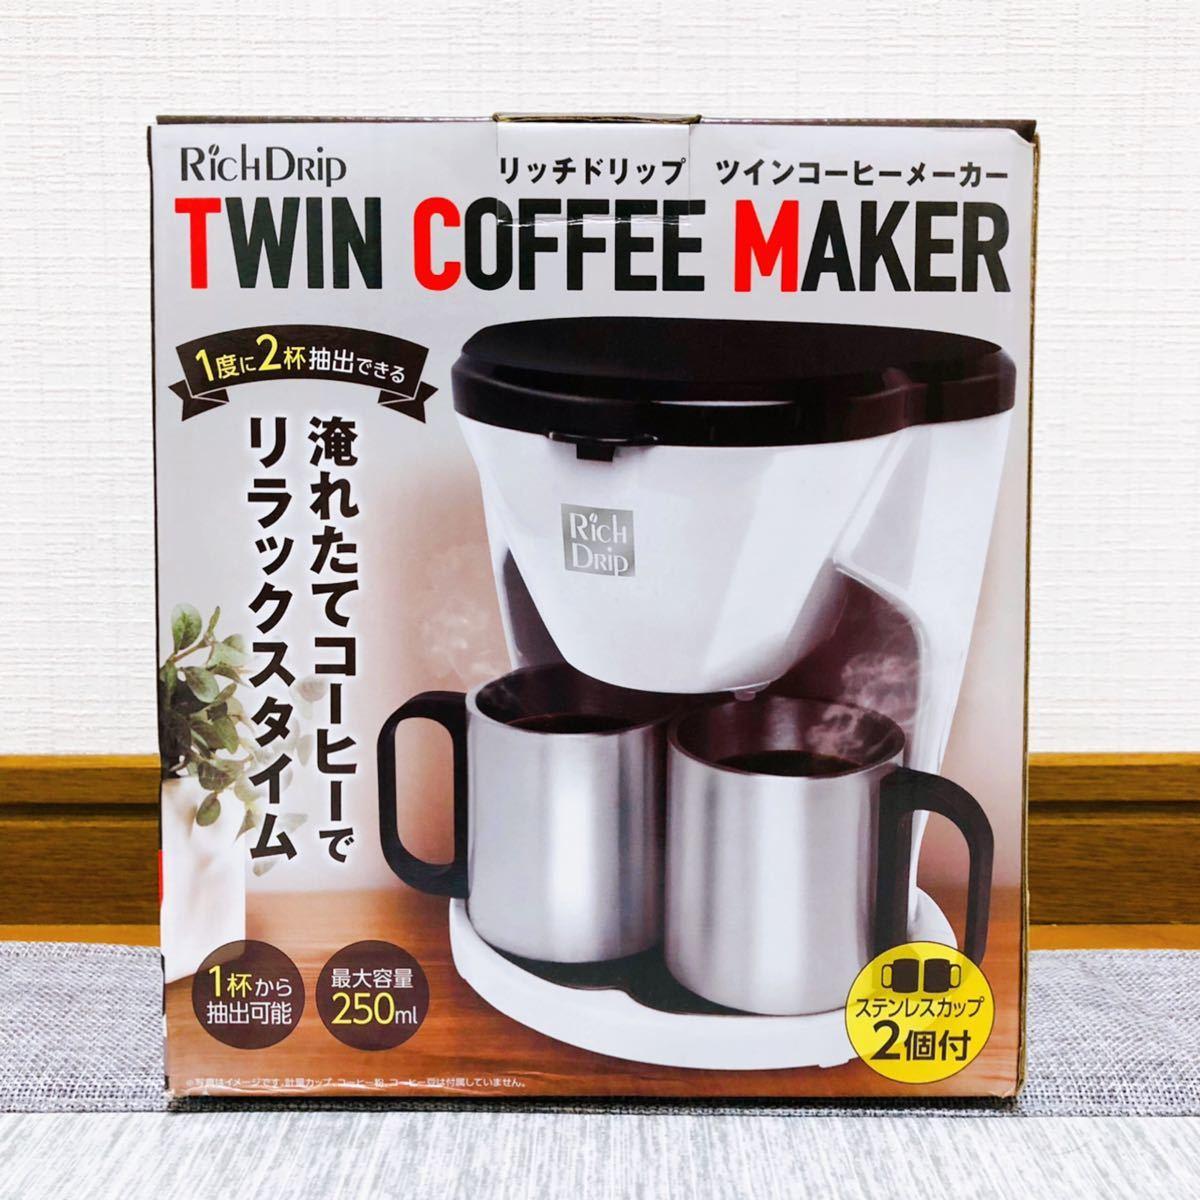 【新品・未開封】コーヒーメーカー リッチドリップ ツインコーヒーメーカー ホワイト